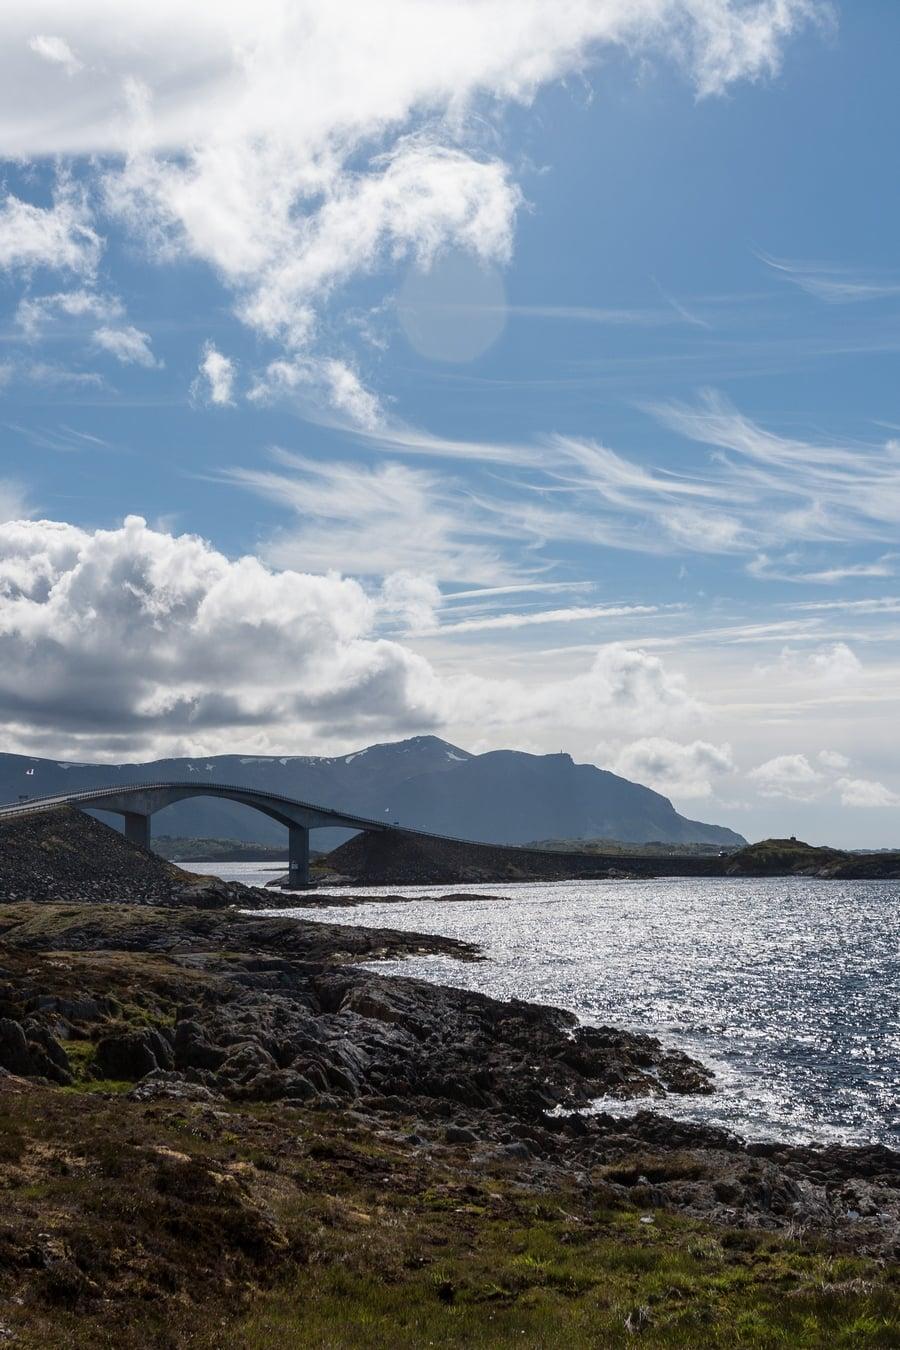 Atlantic Norway Road Trip - Atlantic Road bridge